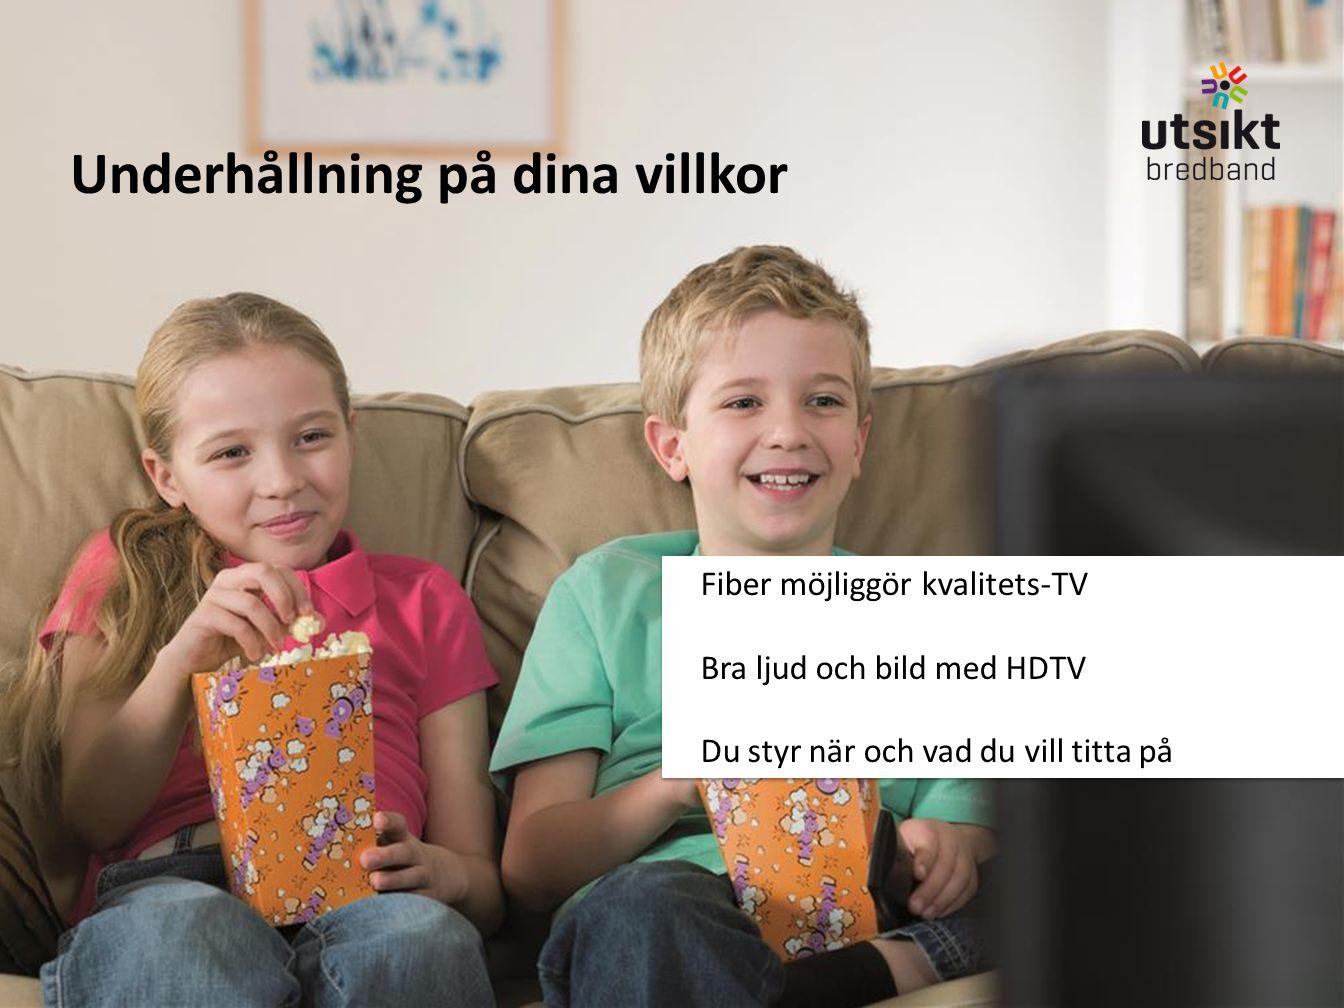 Underhållning på dina villkor Fiber möjliggör kvalitets-TV Bra ljud och bild med HDTV Du styr när och vad du vill titta på Fiber möjliggör kvalitets-T